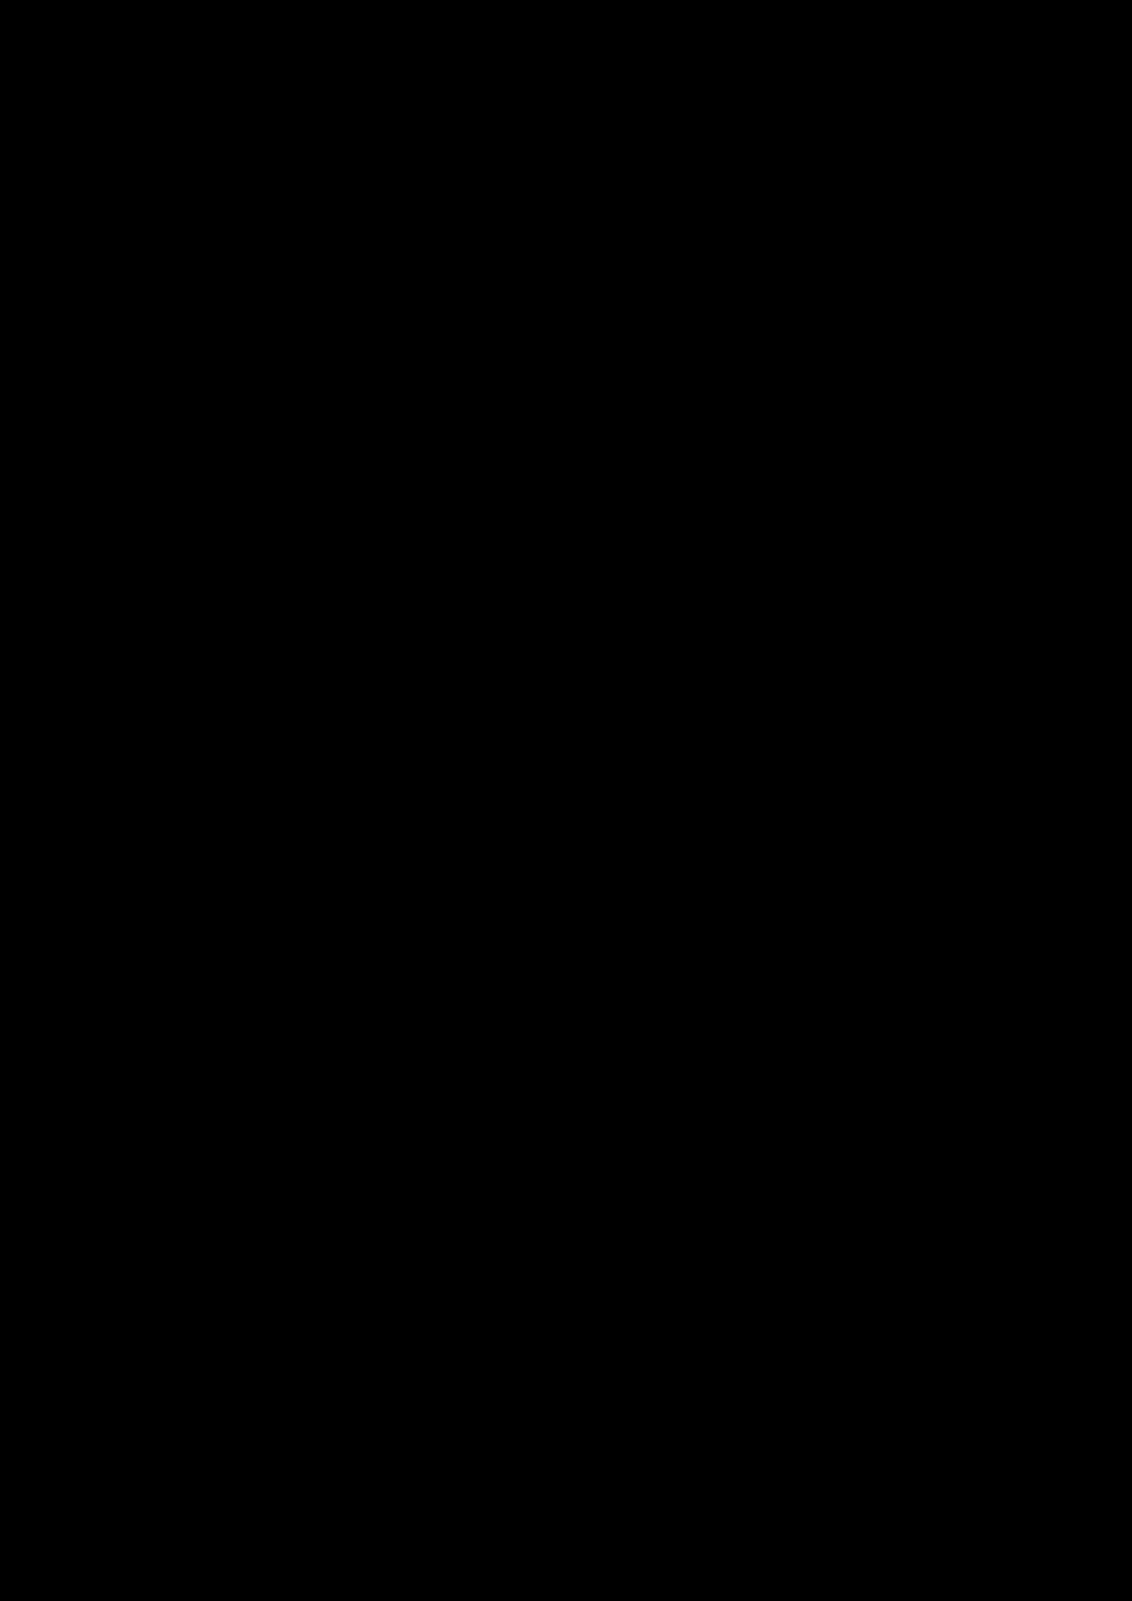 Zagadka volshebnoy stranyi slide, Image 19